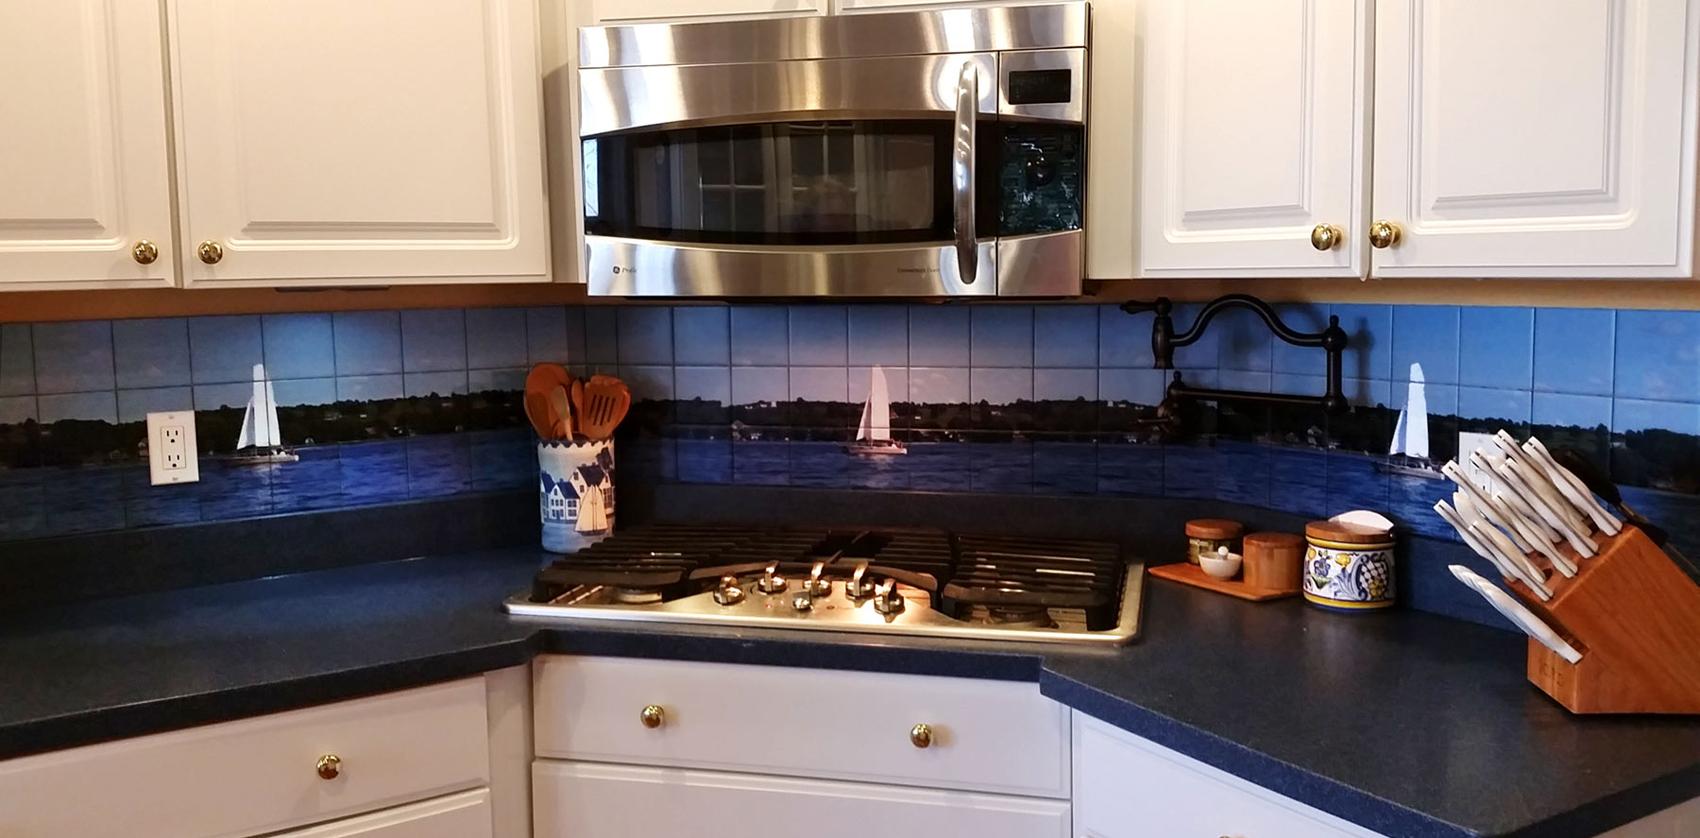 Kitchen Backsplash Custom Mural Idea on Three Walls